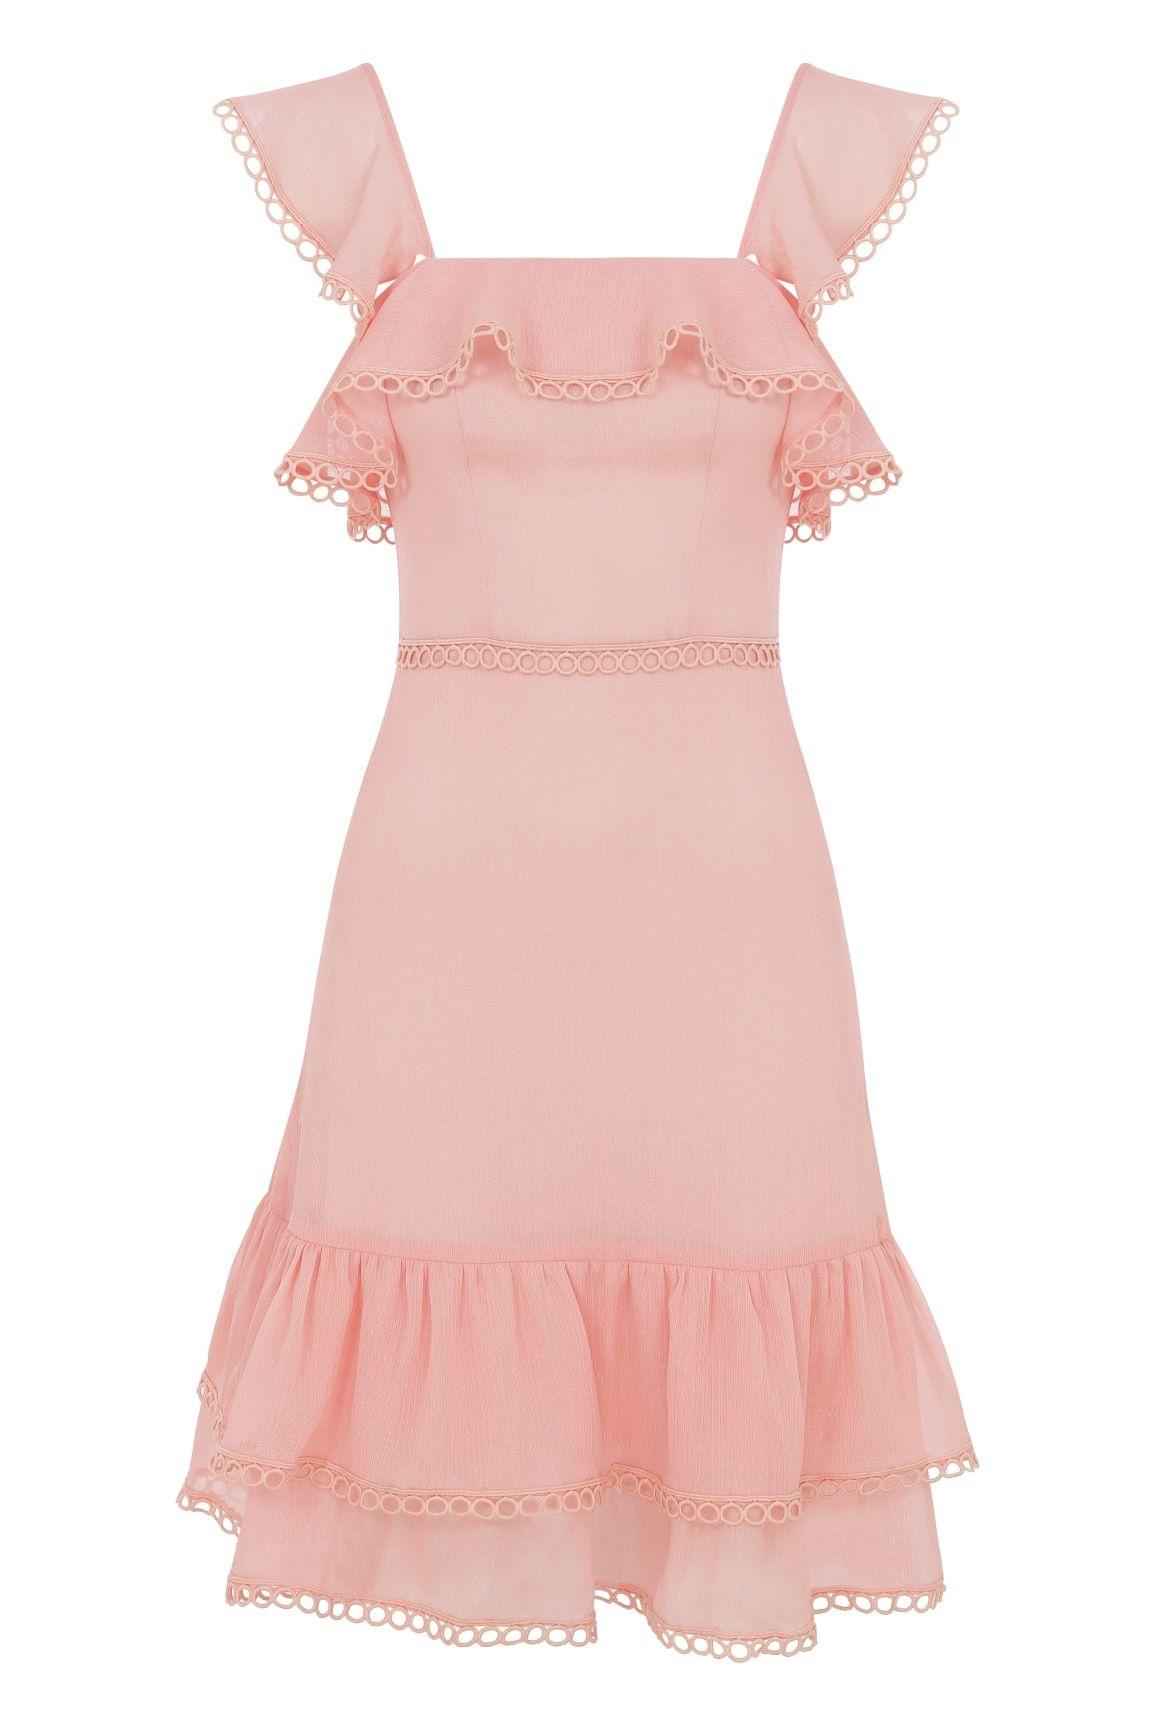 Şifon Somon Rengi Askılı Kısa Elbise - Thumbnail